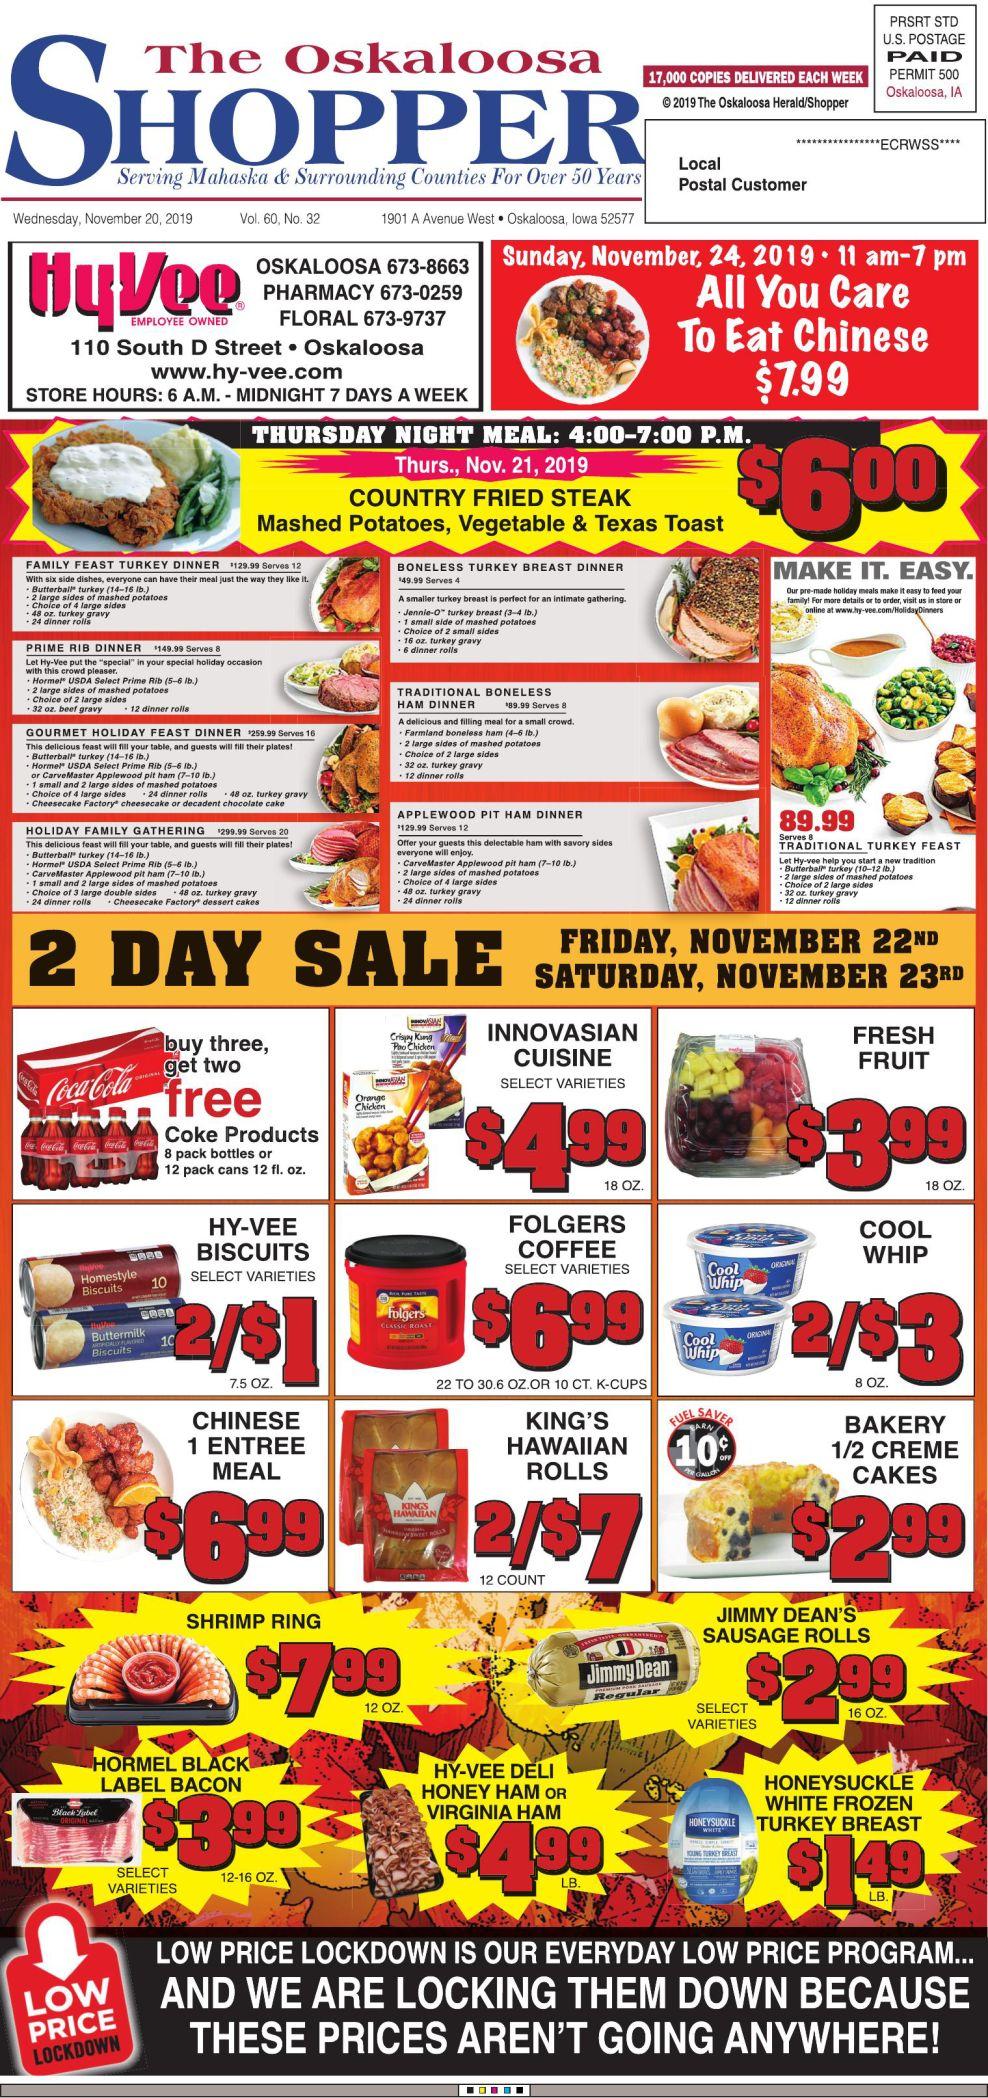 Oskaloosa Shopper week of 11/20/19